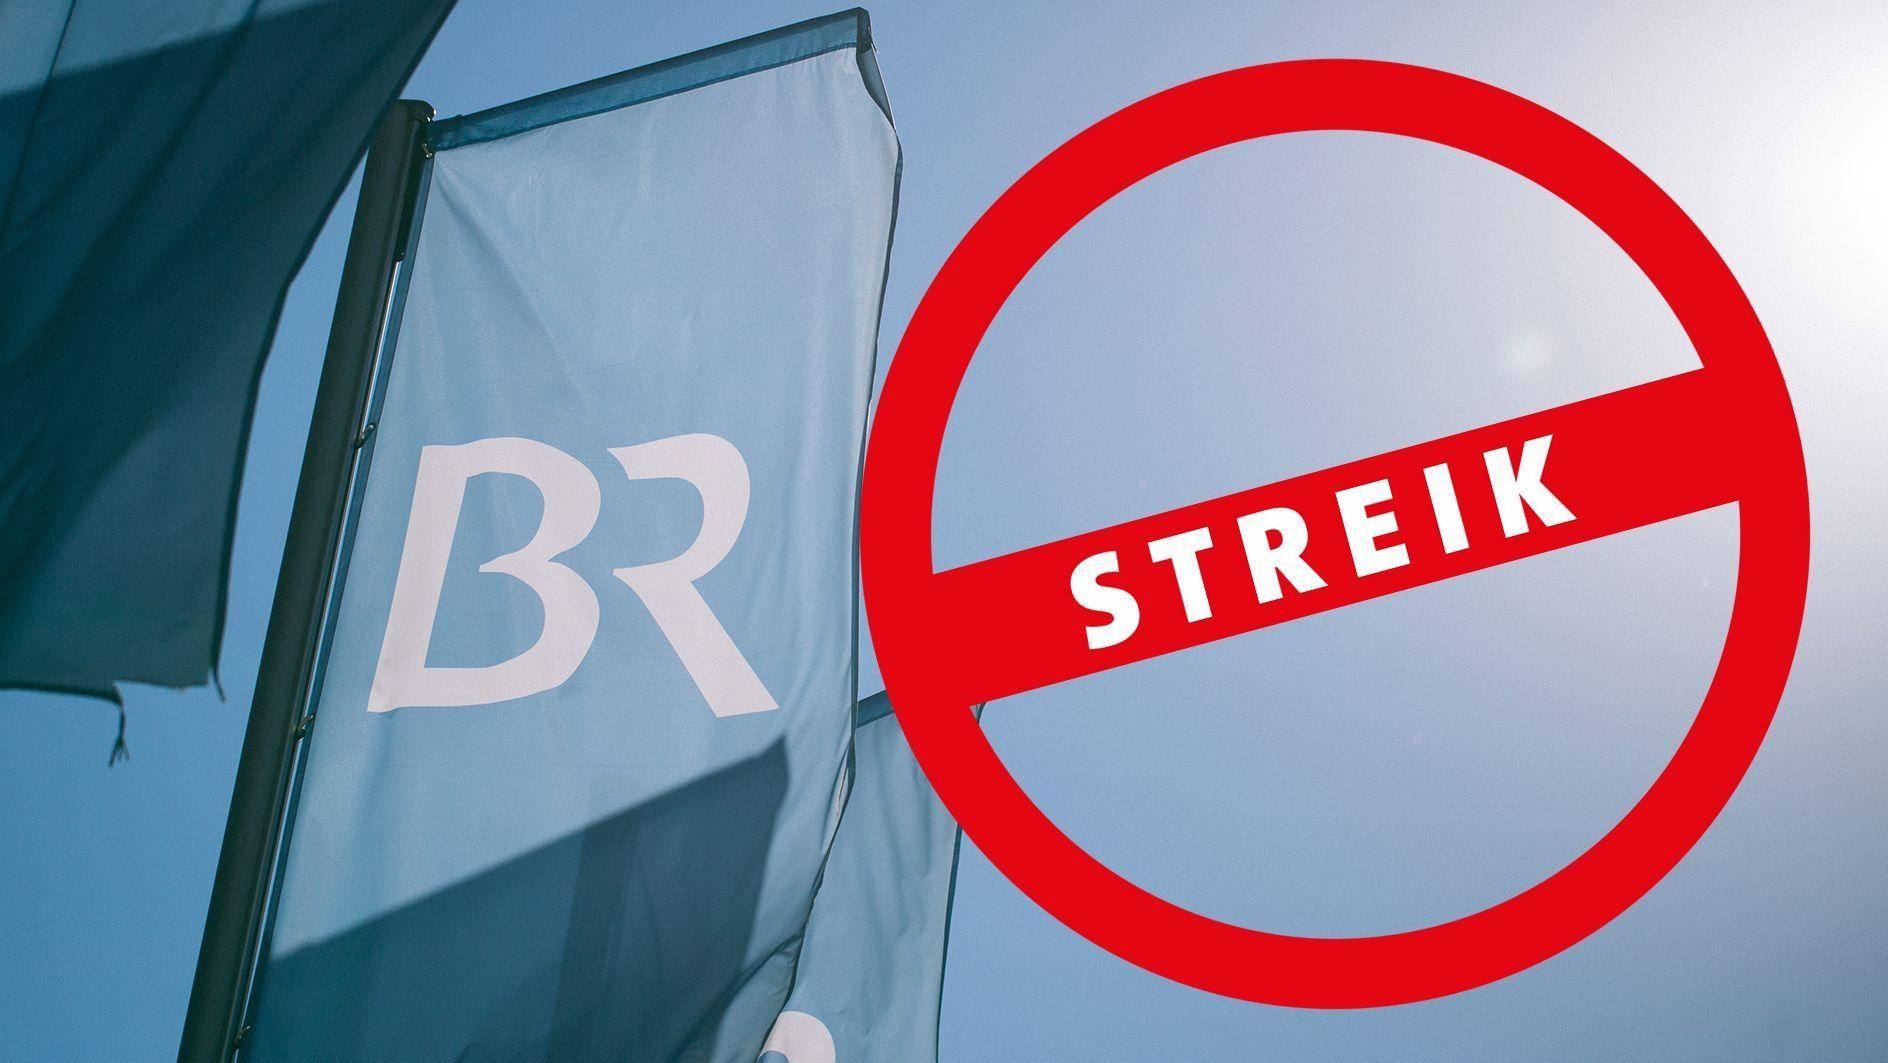 Die Gewerkschaften BJV und ver.di haben die Mitarbeiter des BR zum Streik aufgerufen.